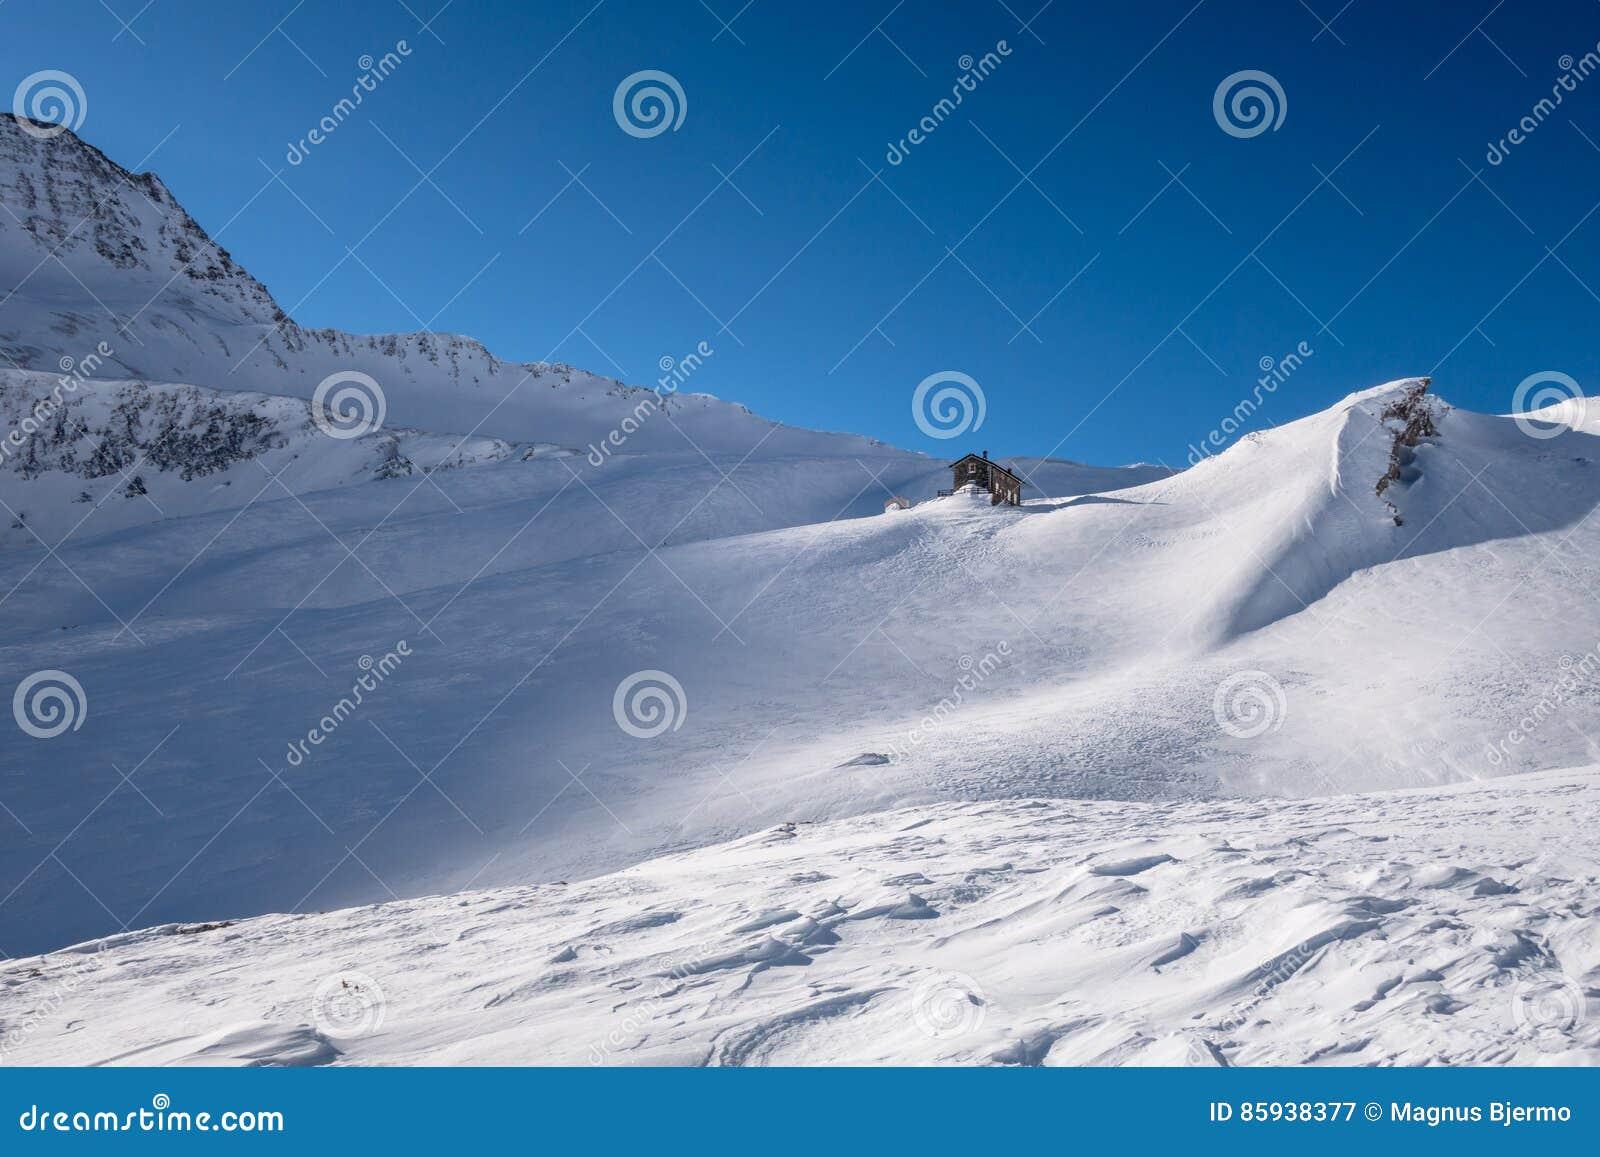 在山土坎下的高山避难所在被风吹扫雪的冬天